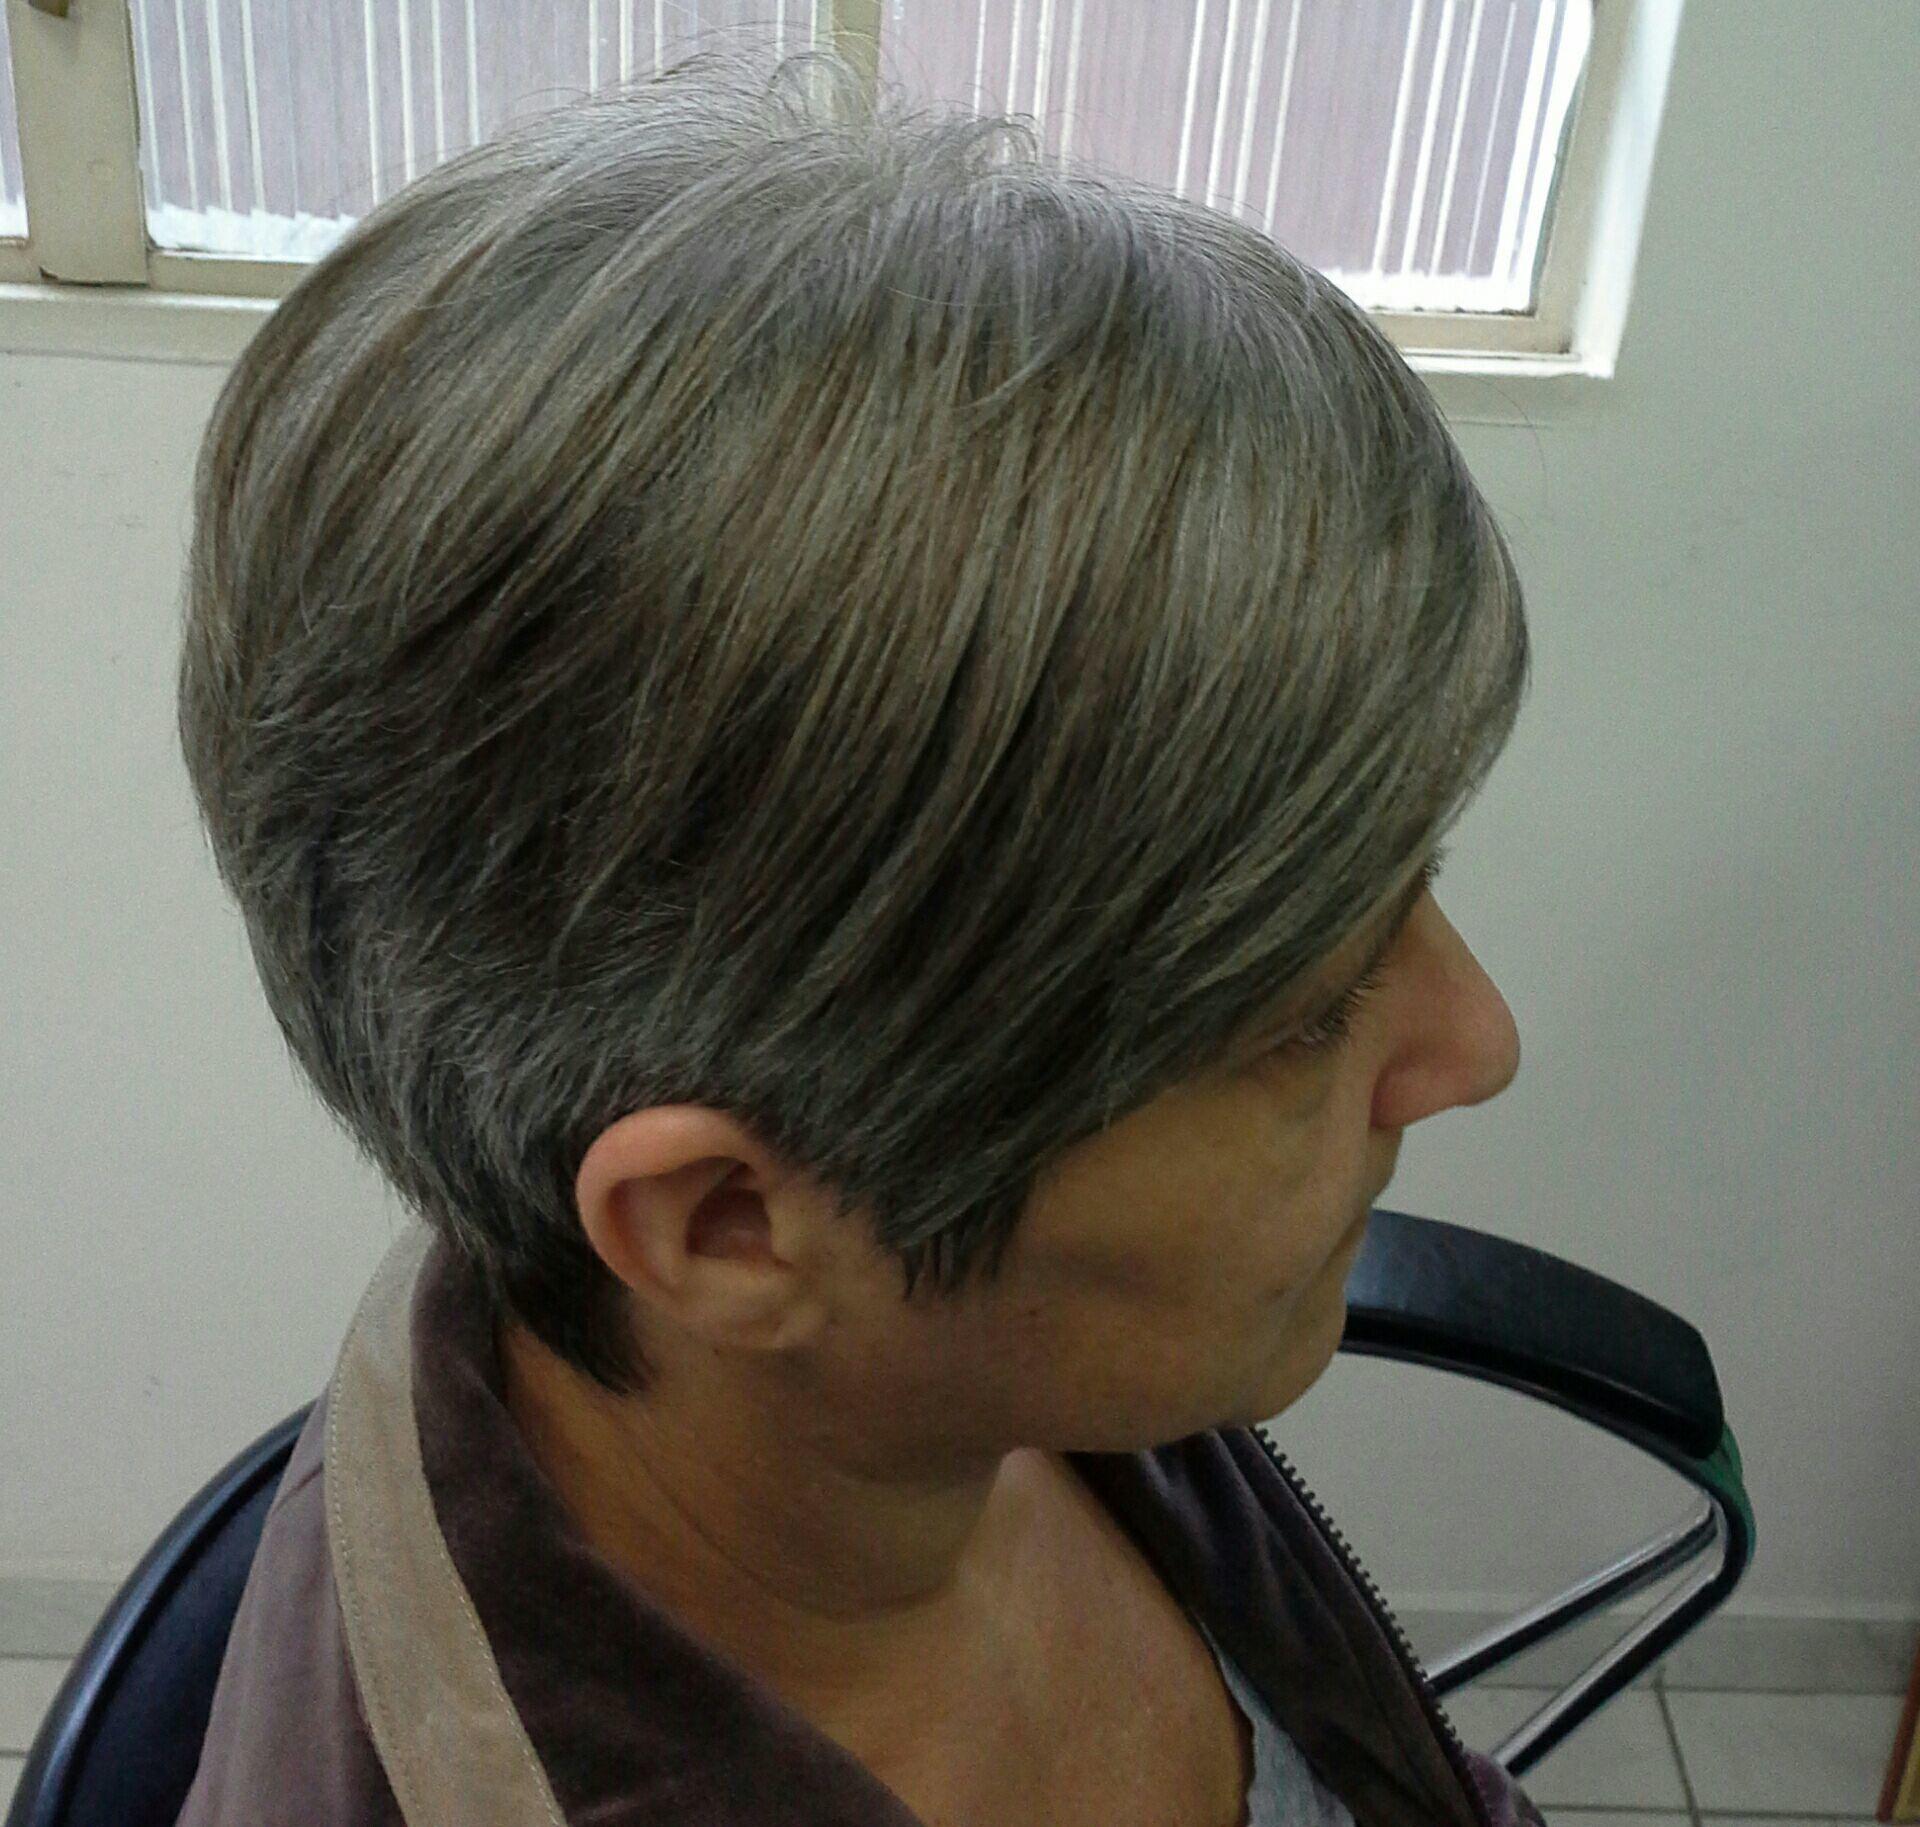 Técnica  corte curto navalha. cabelo stylist / visagista cabeleireiro(a)